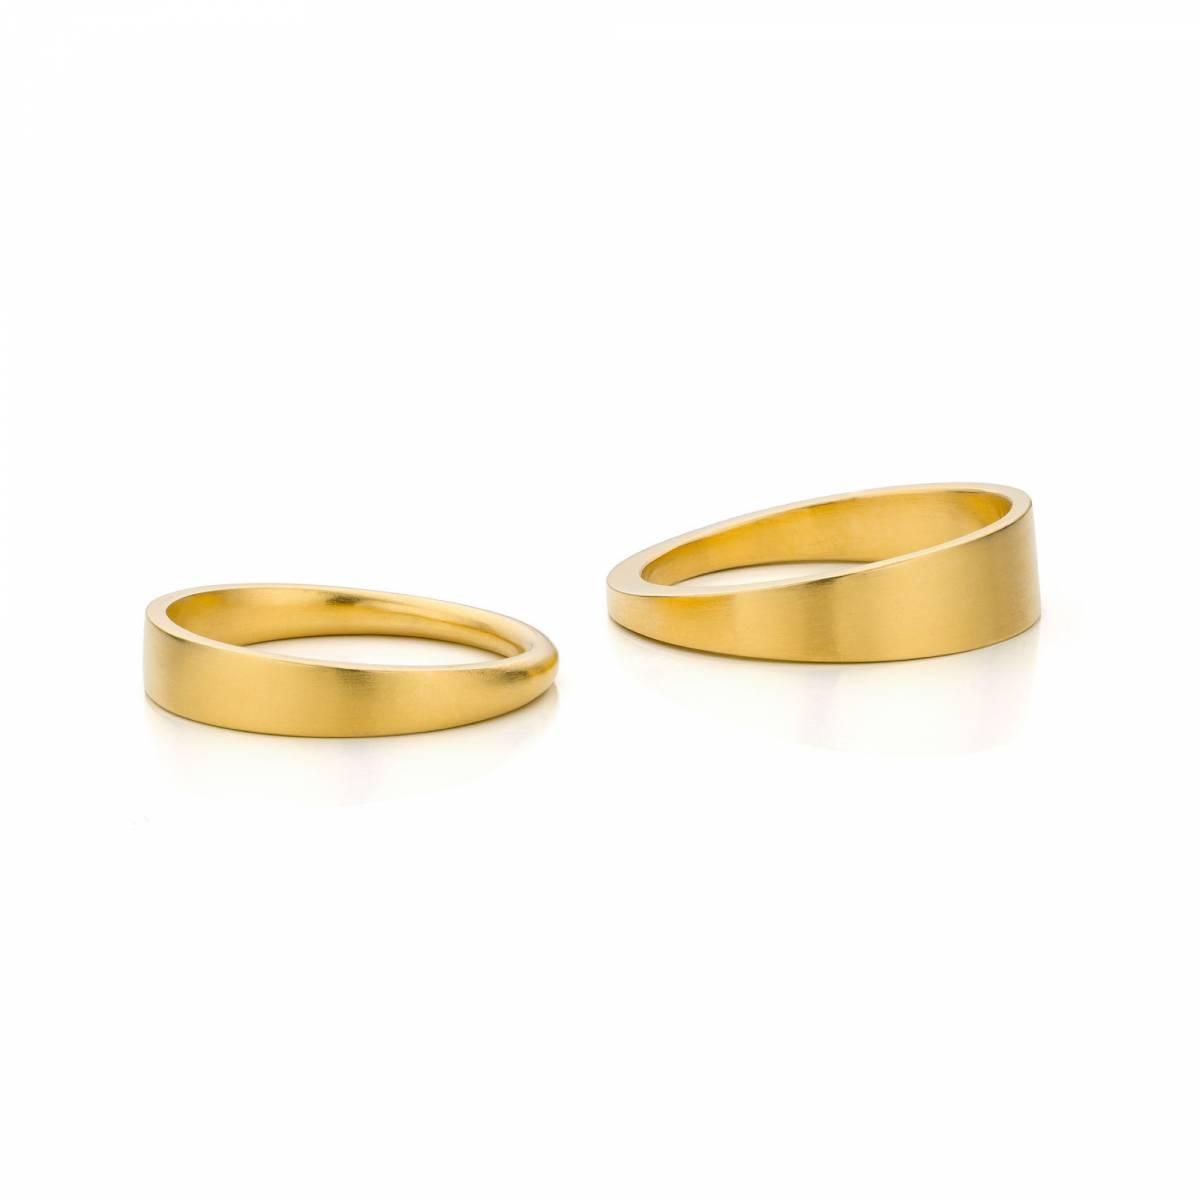 KUBINI - Juwelen - fotograaf Erwin Maes - House of Weddings (12)